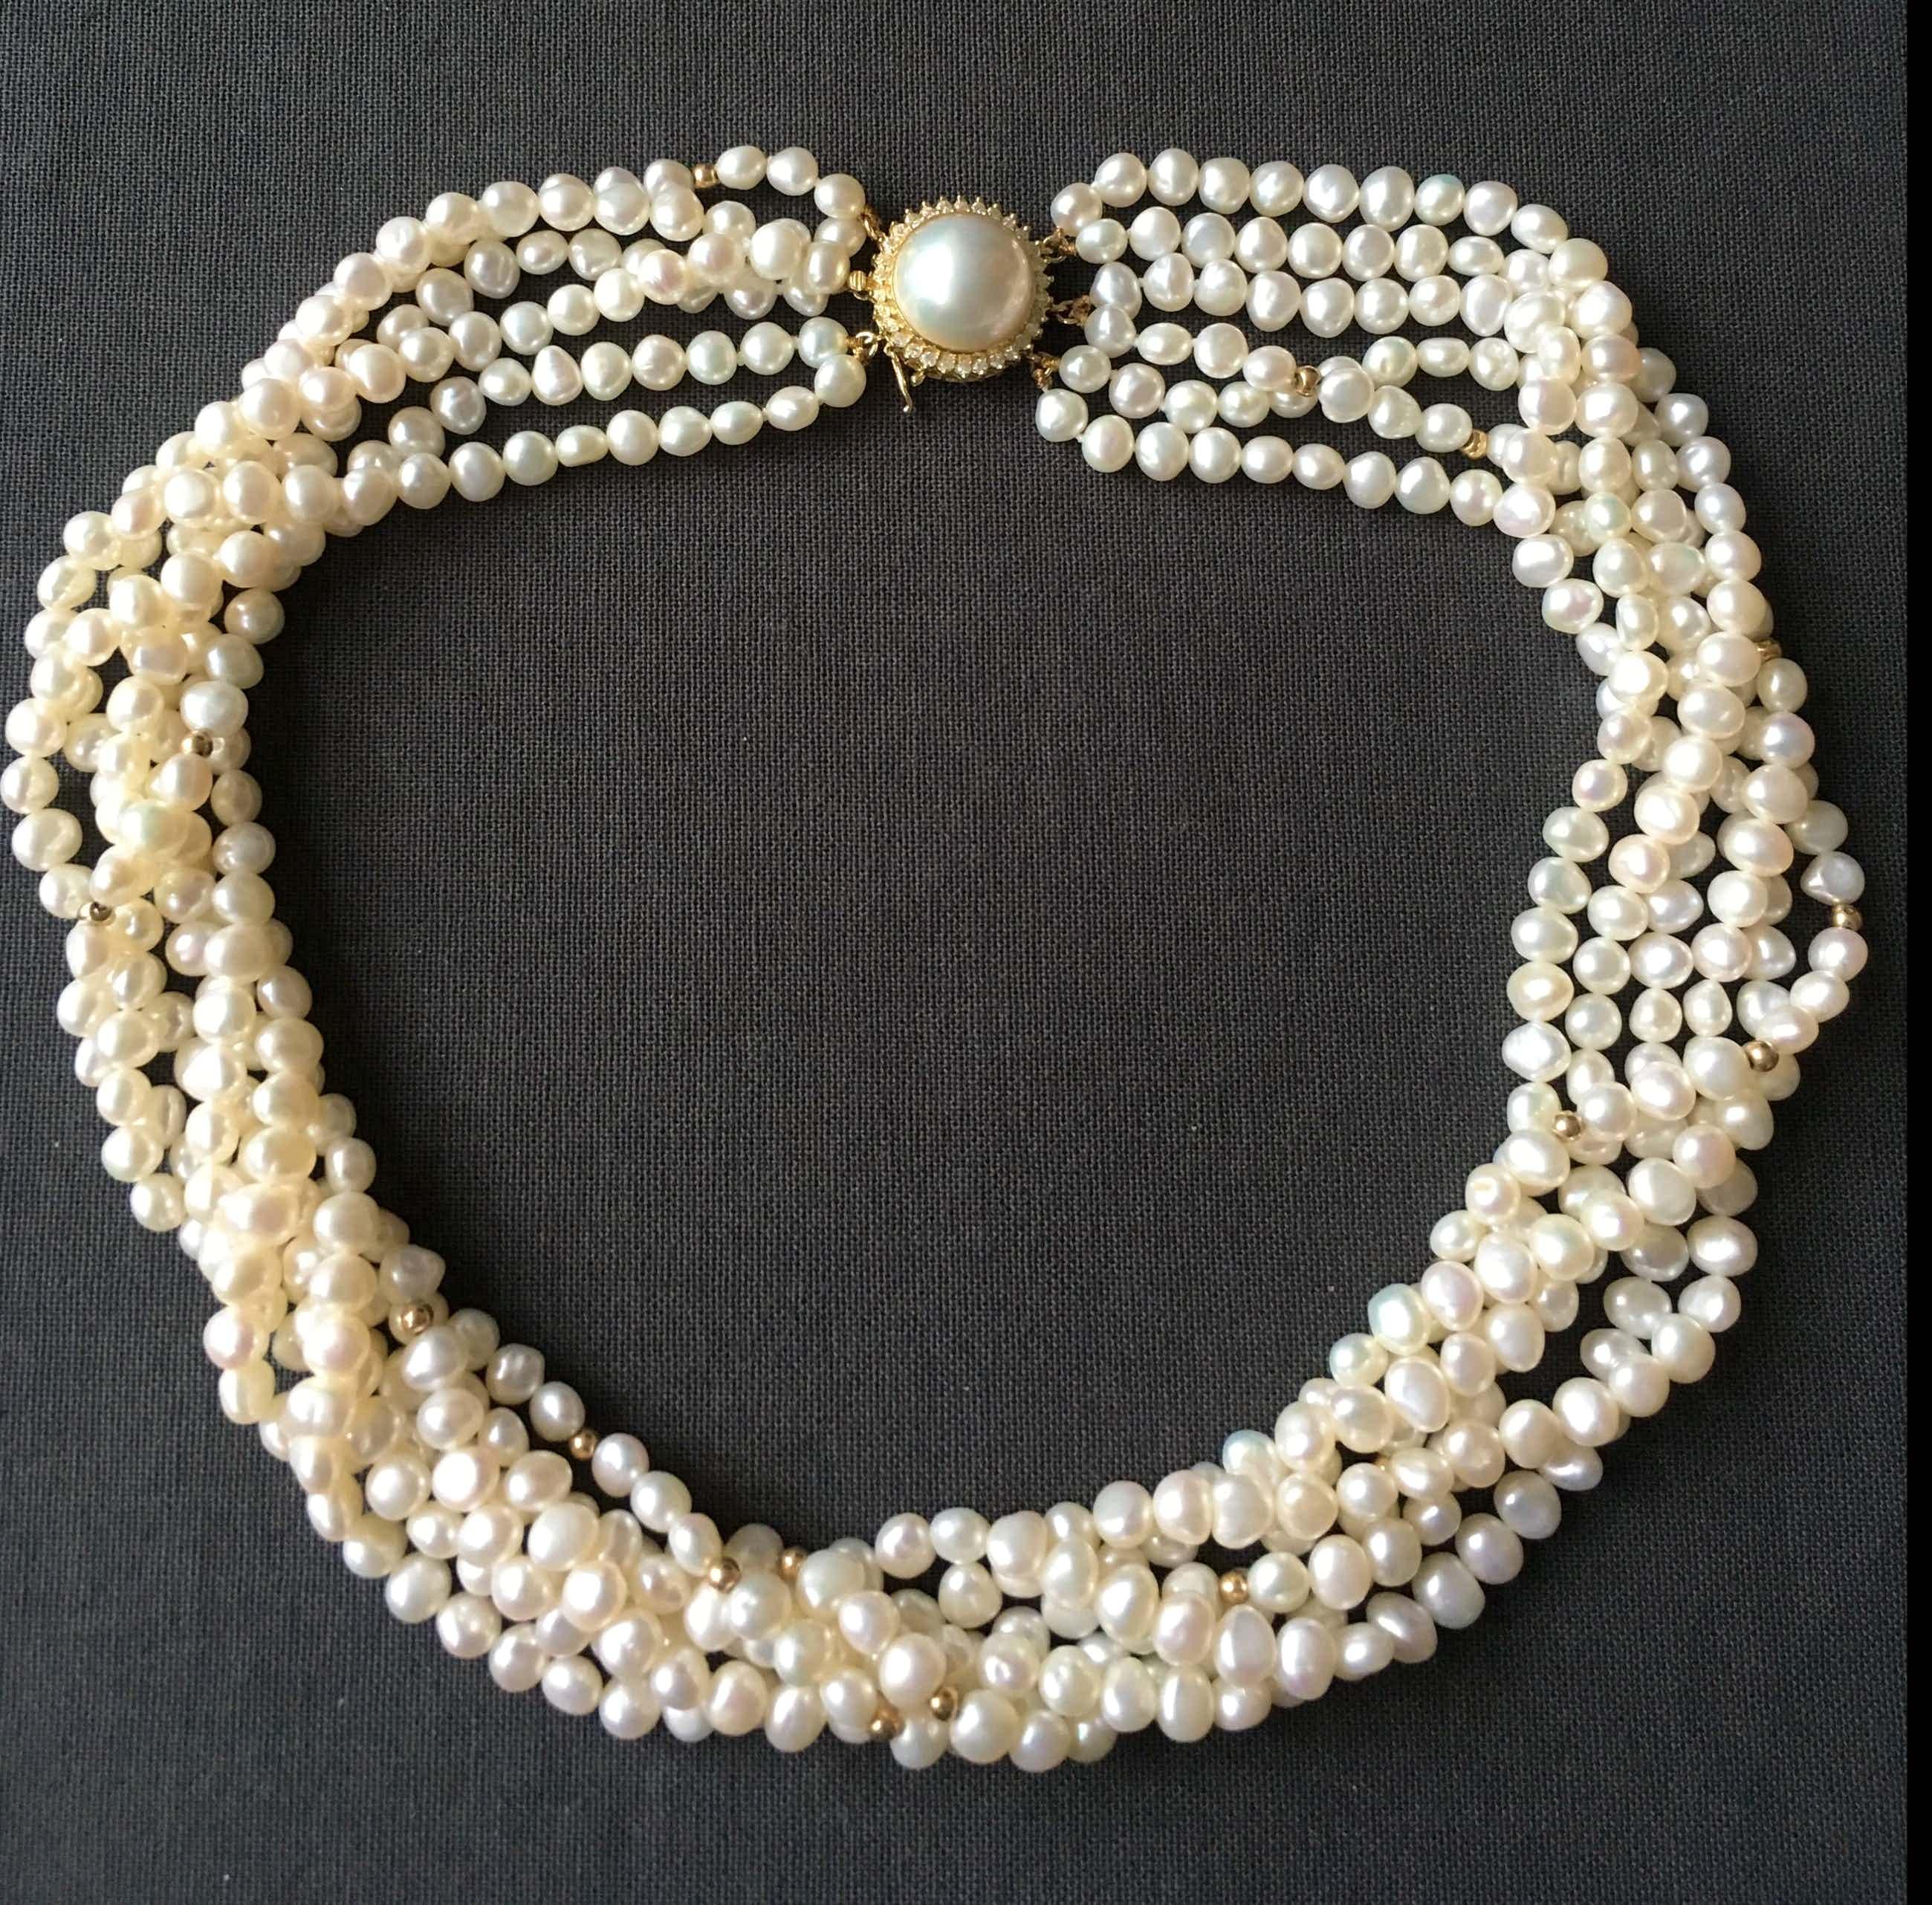 14K Goud - torsade van zoetwaterparels, 6 strengen, gouden slot met diamant en mabé parel kopen? Bied vanaf 650!